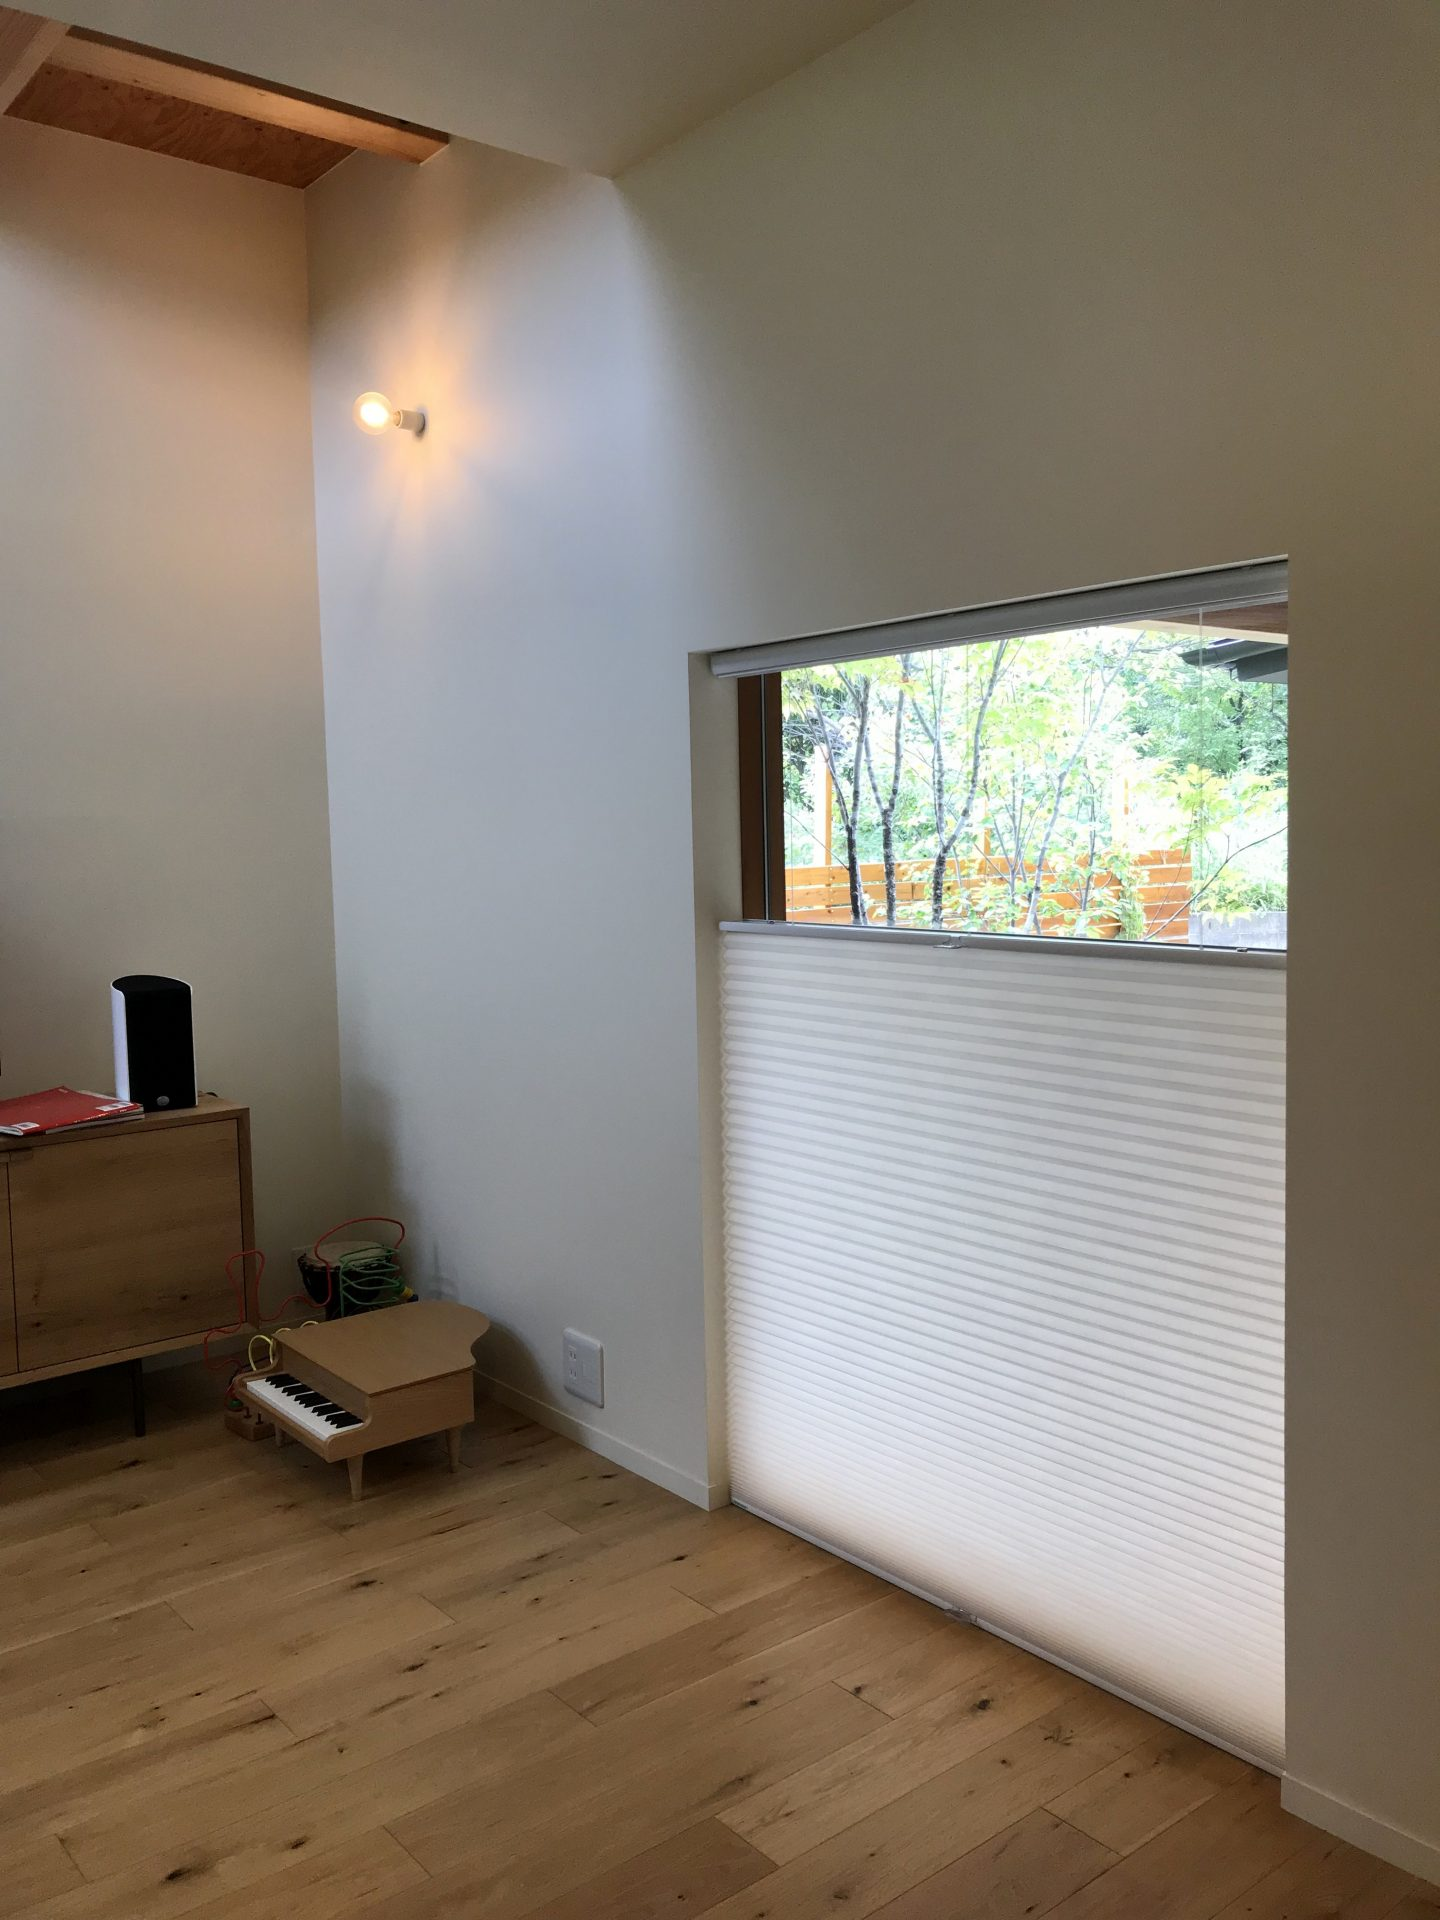 ハニカムスクリーンの窓枠内付けの取付条件